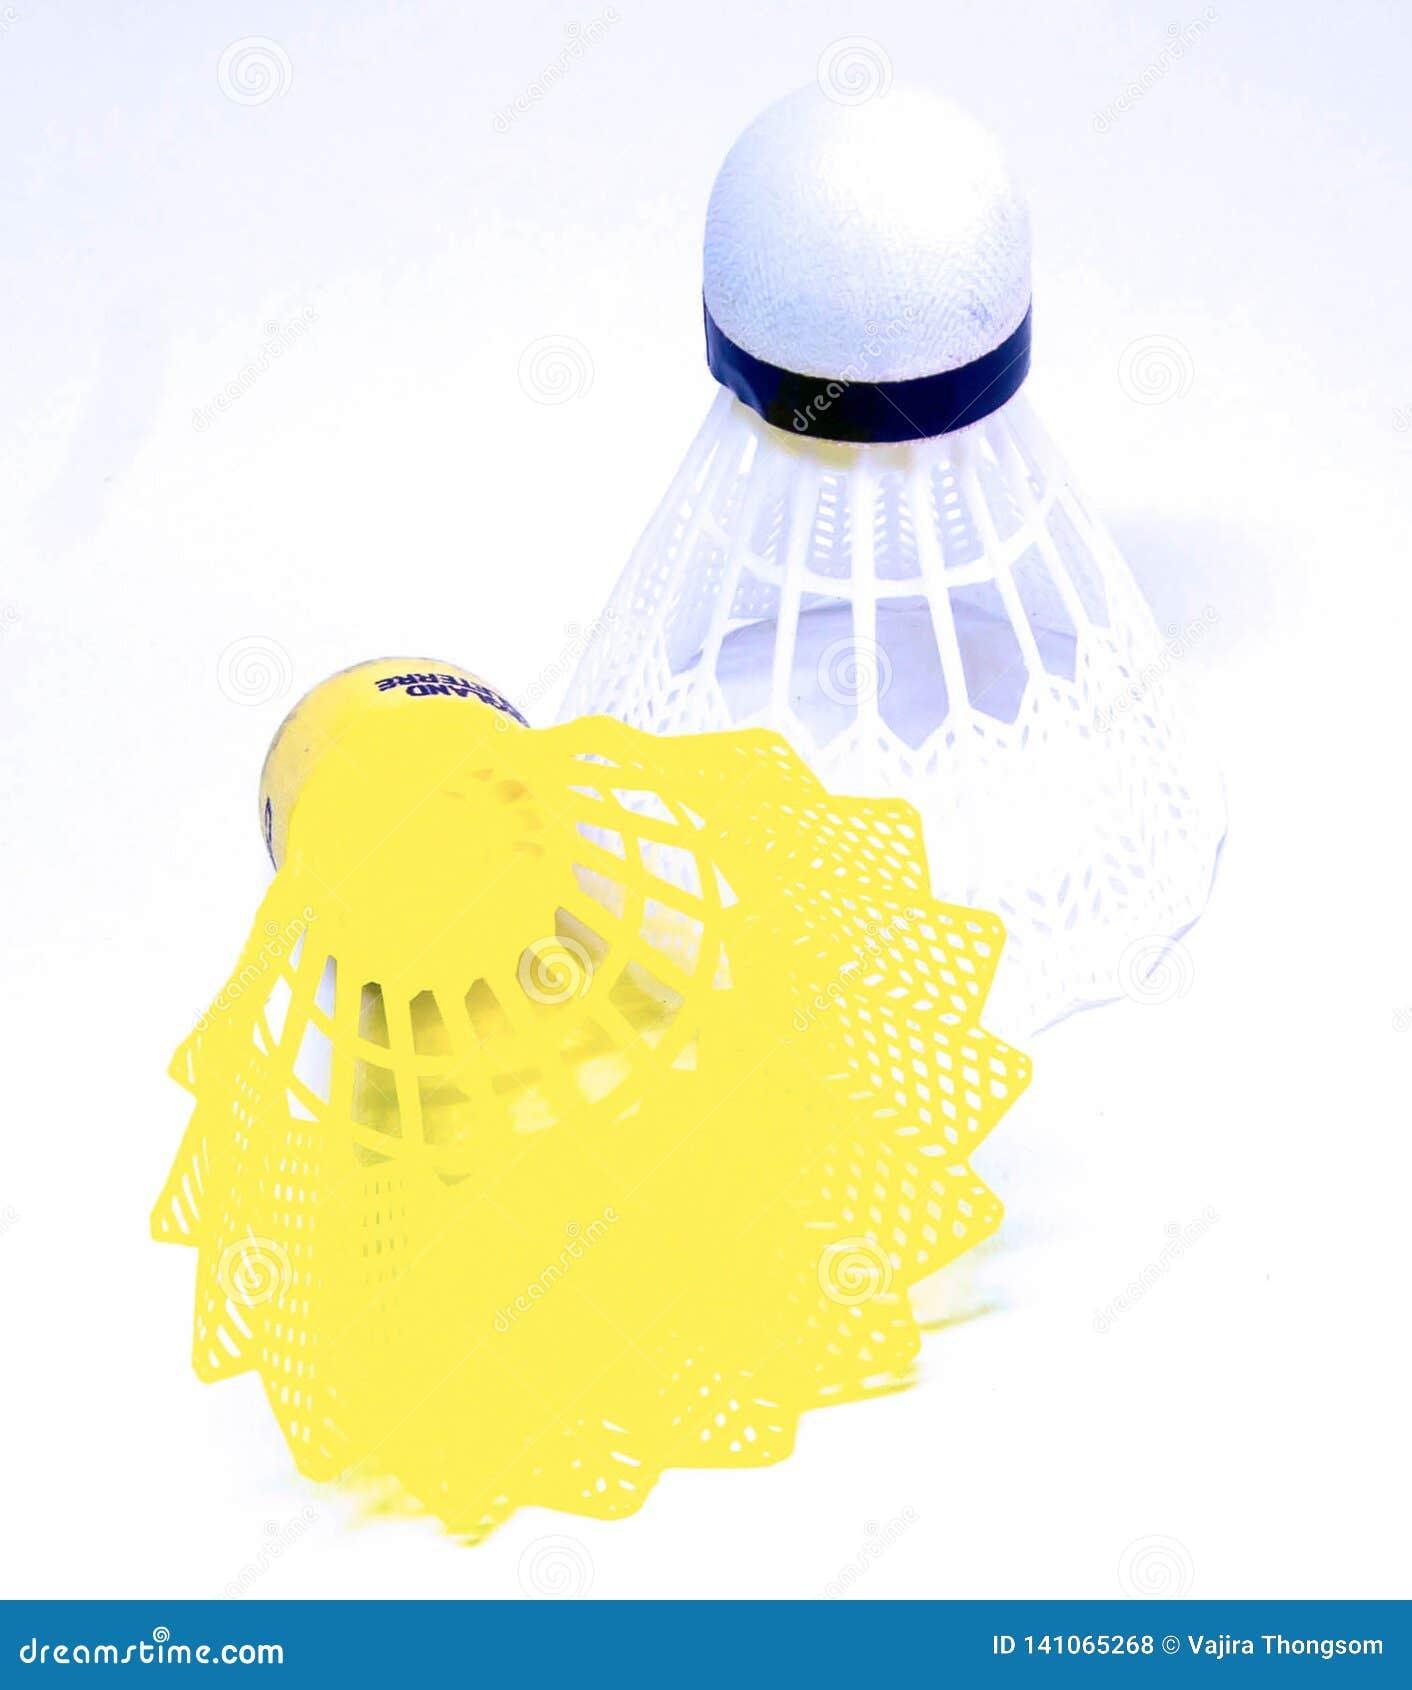 Badmintonbälle in der weißen und gelben Farbe